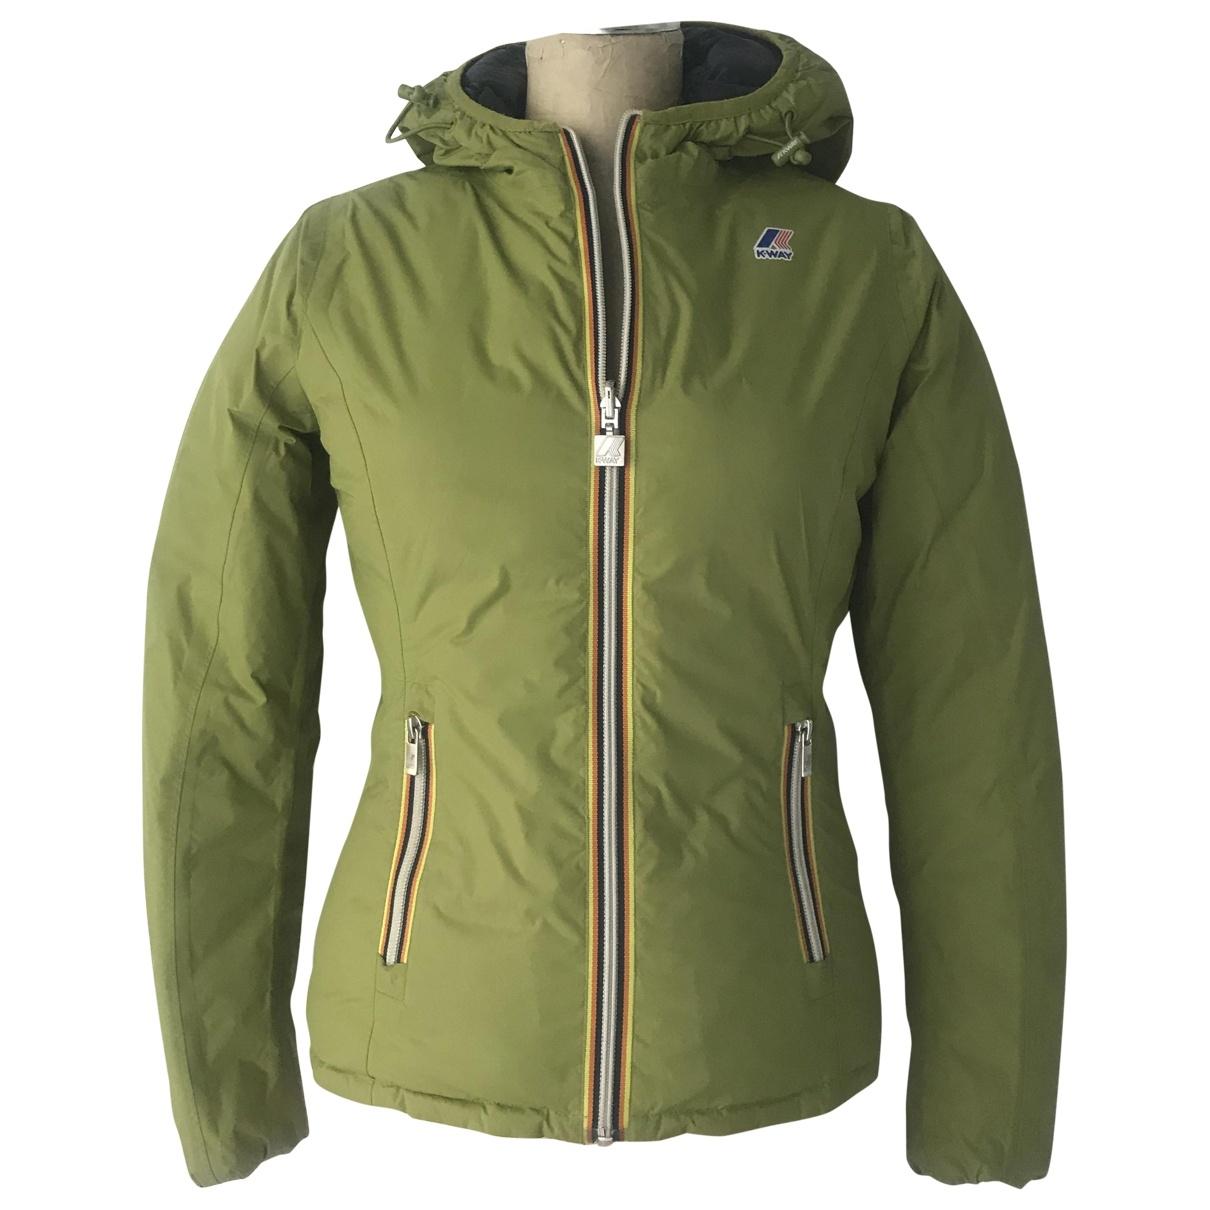 K-way \N Green jacket for Women 38 IT